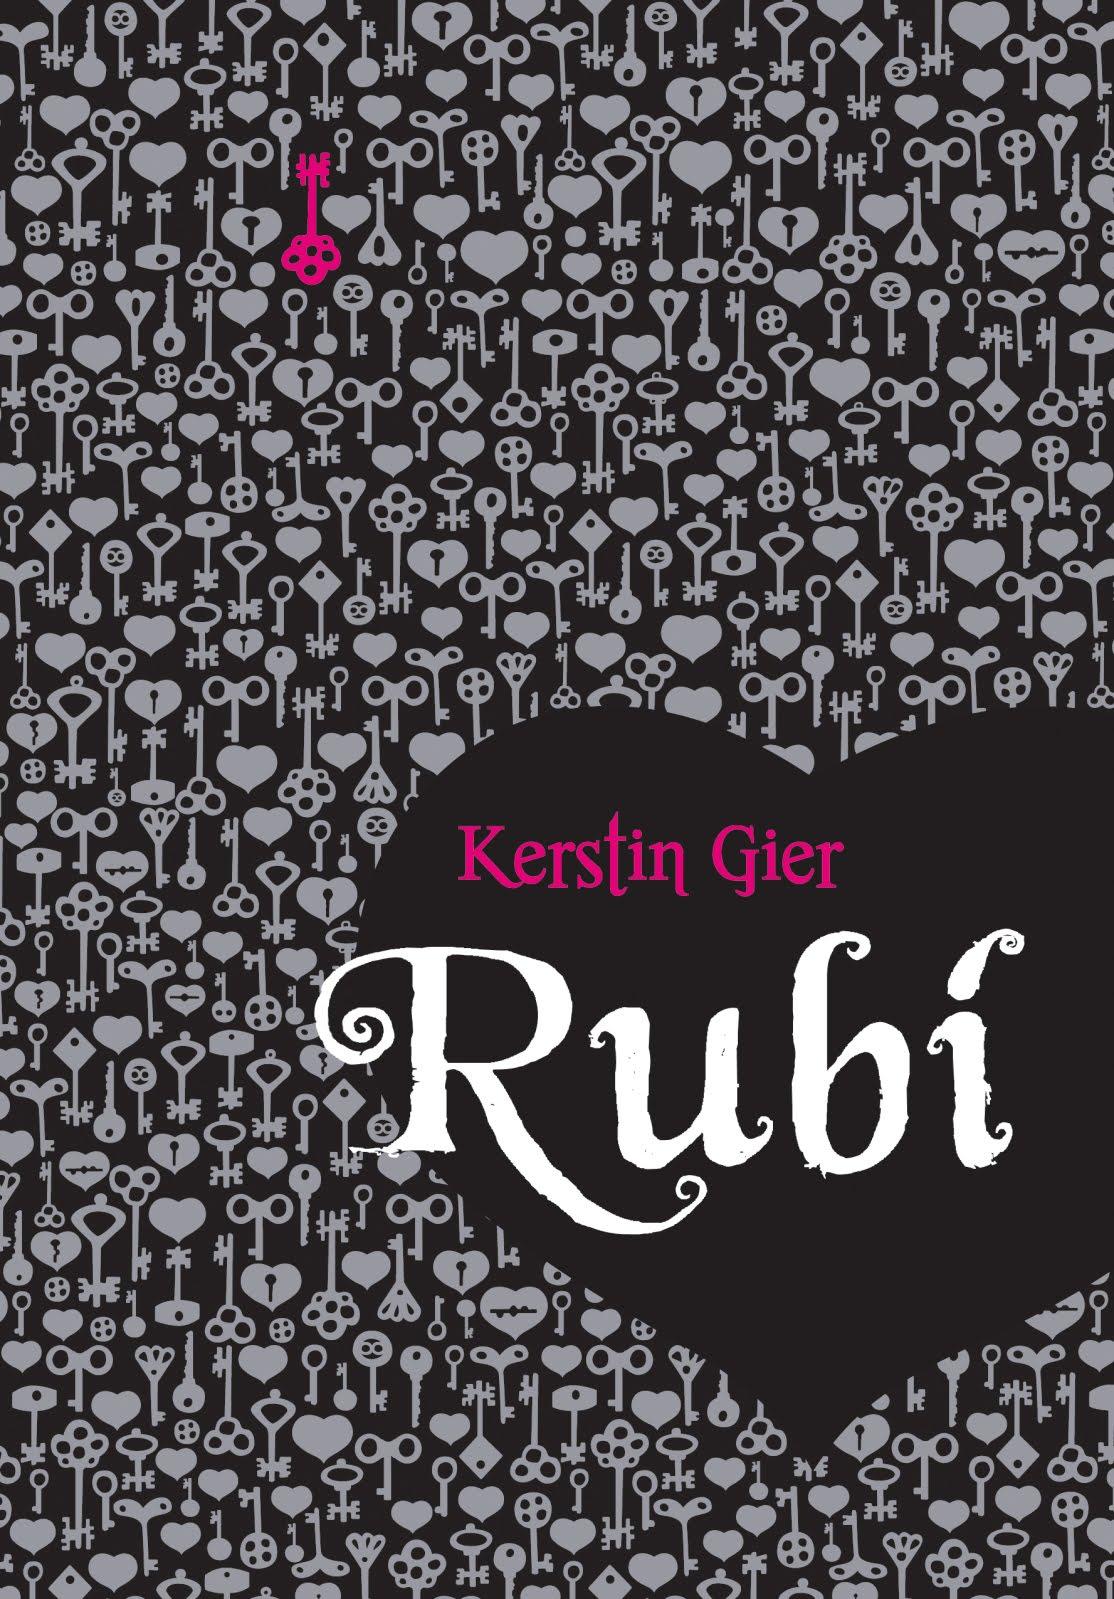 Rubí sera llevada al cine Novedades+Octubre+Rubi